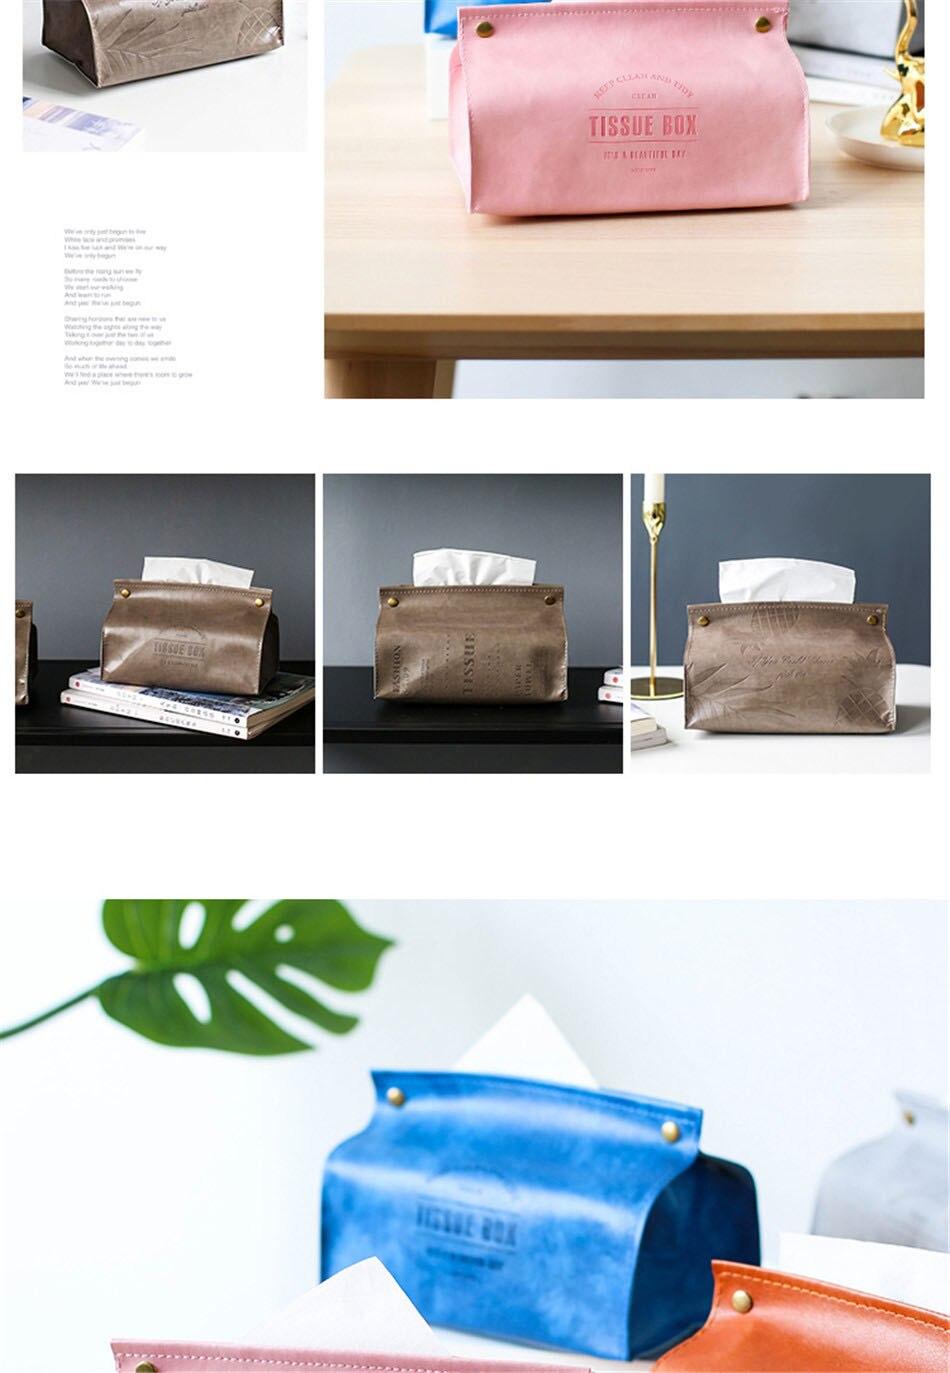 Креативная коробка для салфеток из искусственной кожи, мягкая складная подставка для салфеток, чехол для салфеток с буквенным принтом, держатель для бумаги для дома, кухни, коробка для хранения